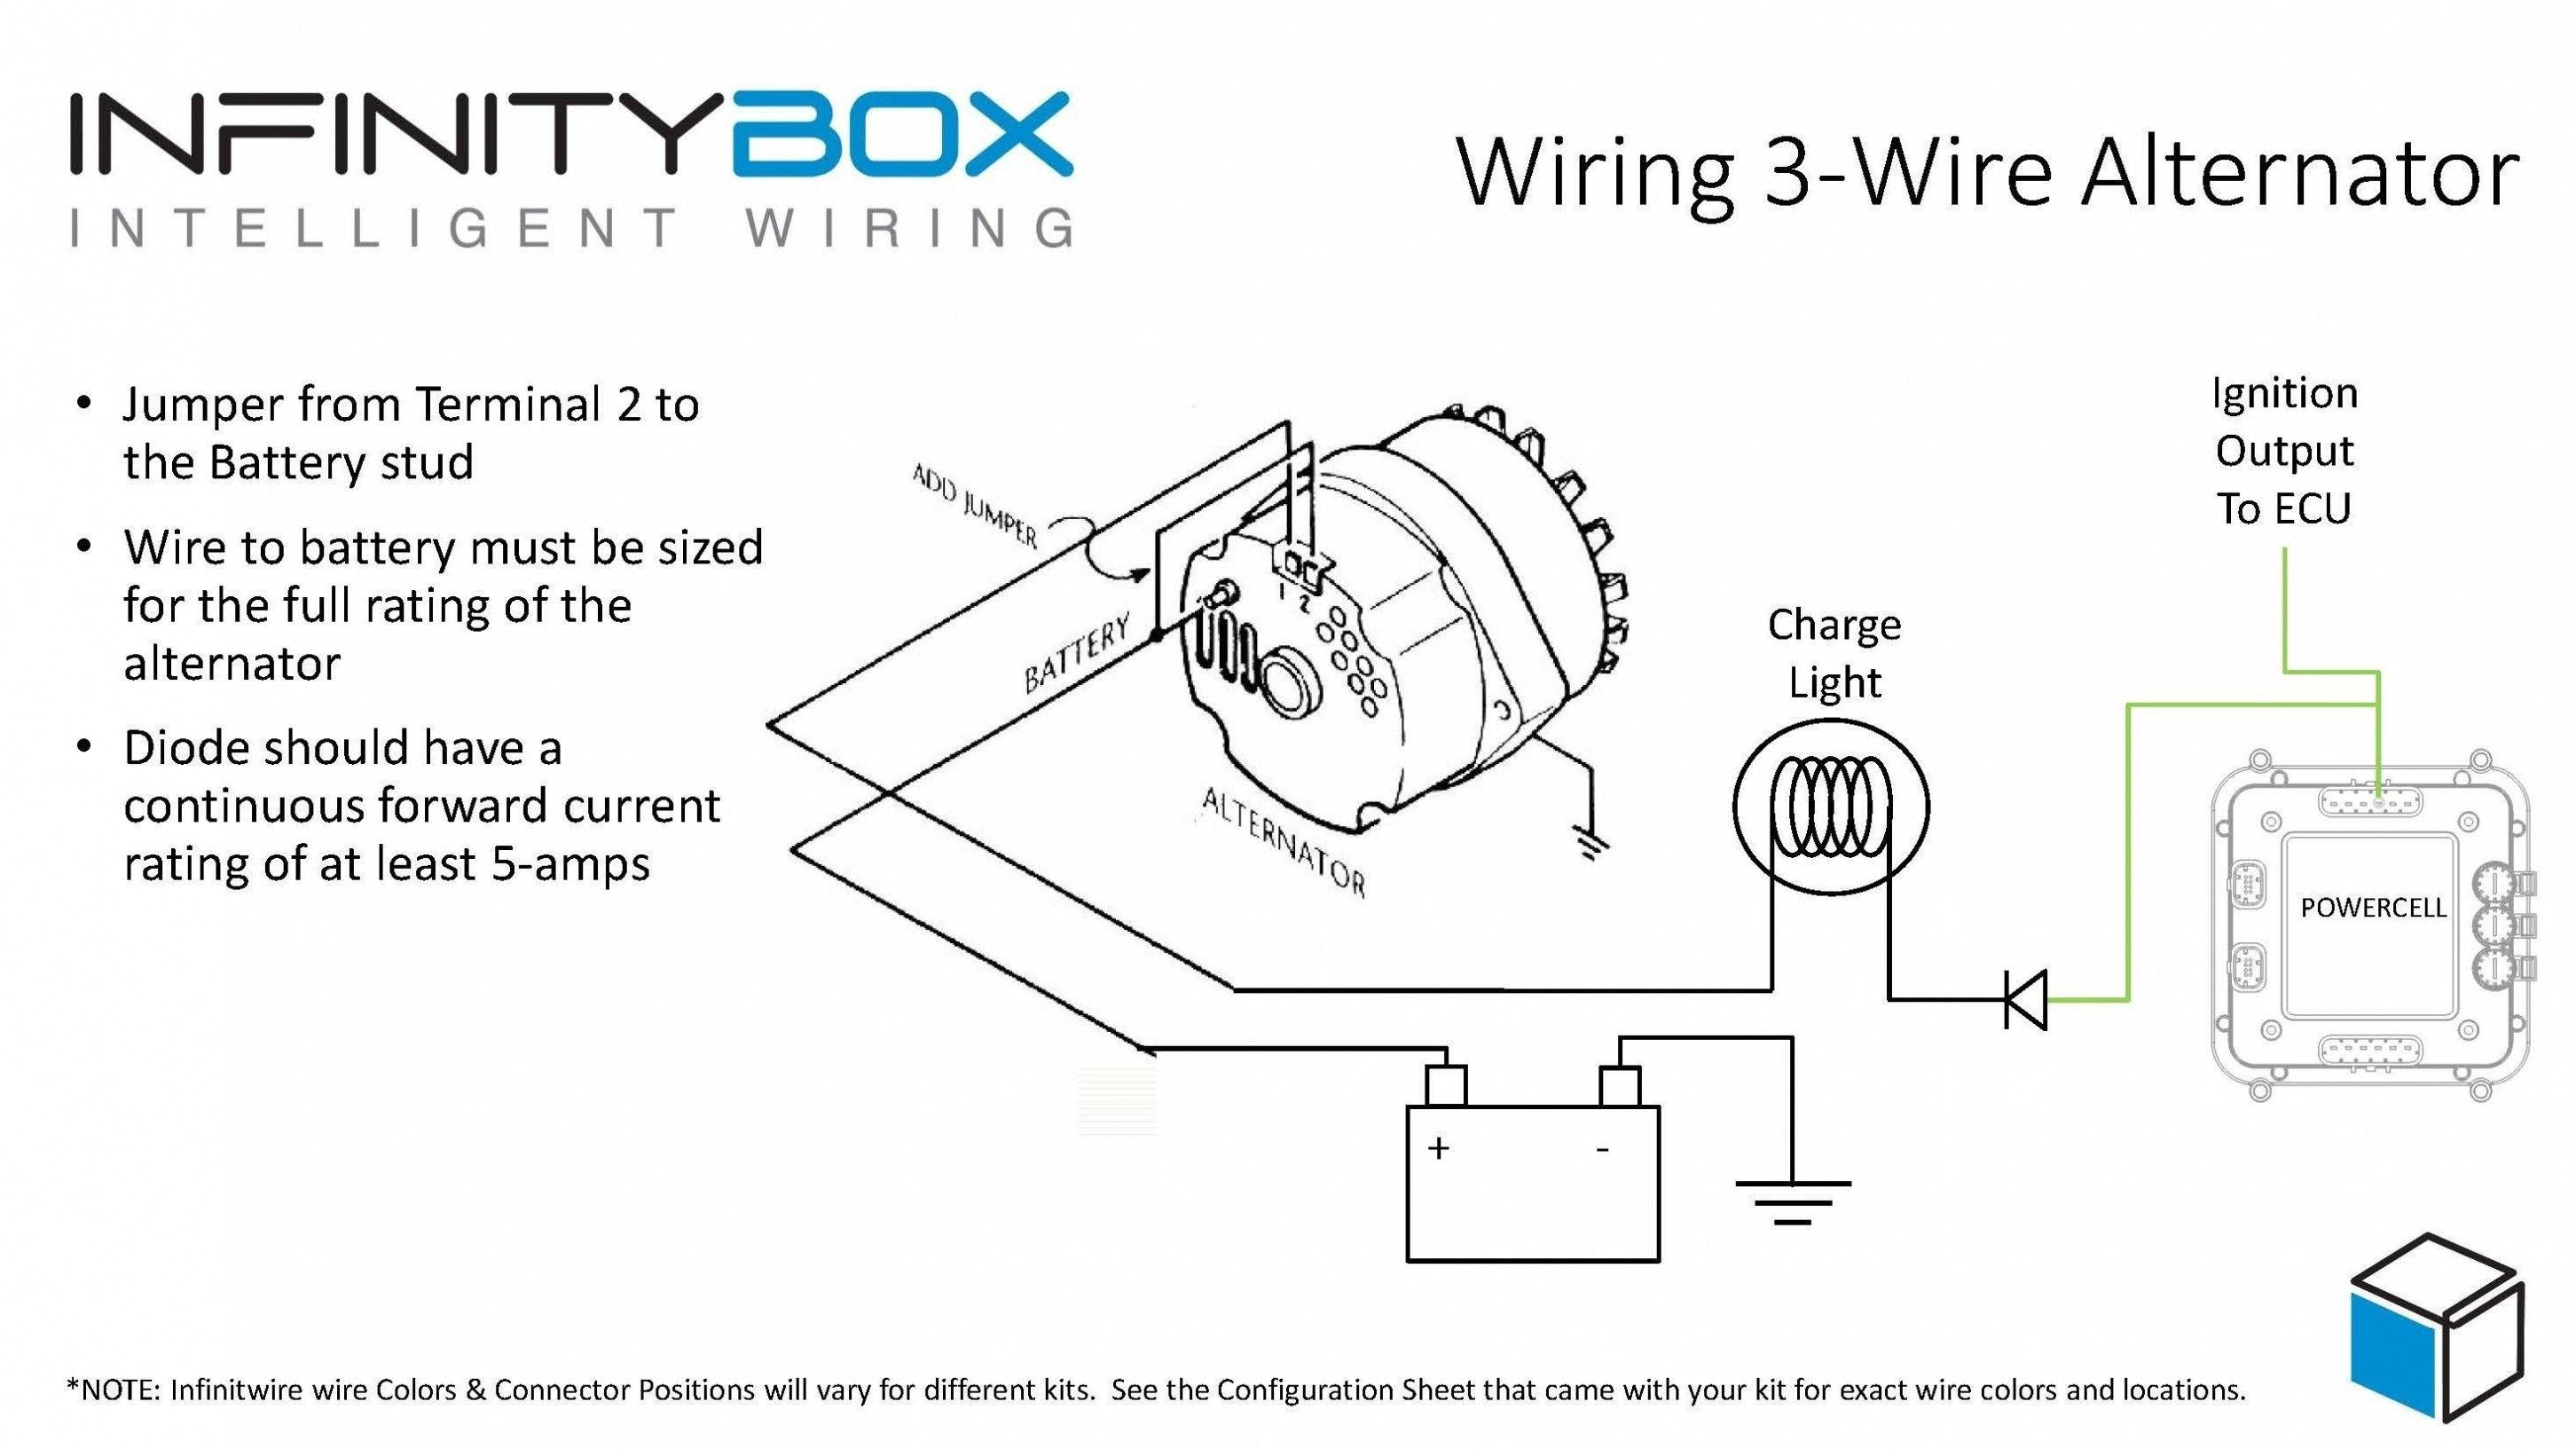 Best Of E46 Alternator Wiring Diagram #diagrams #digramssample  #diagramimages #wiringdiagramsample #wiringd… | Alternator, Car alternator,  Electrical wiring diagramPinterest